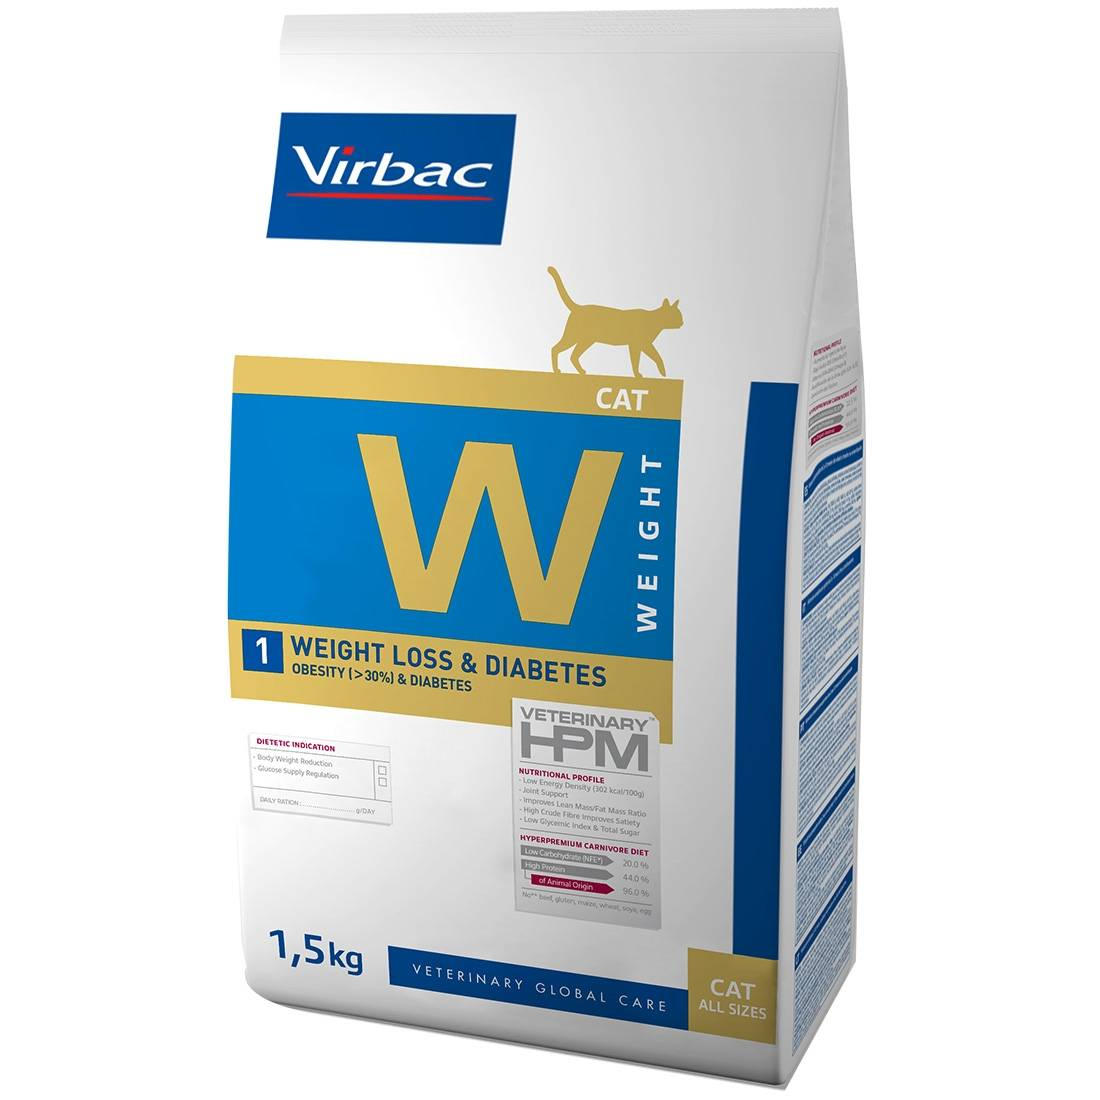 Virbac Veterinary HPM Weight Loss & Diabetes Cat Contenance : 7 kg